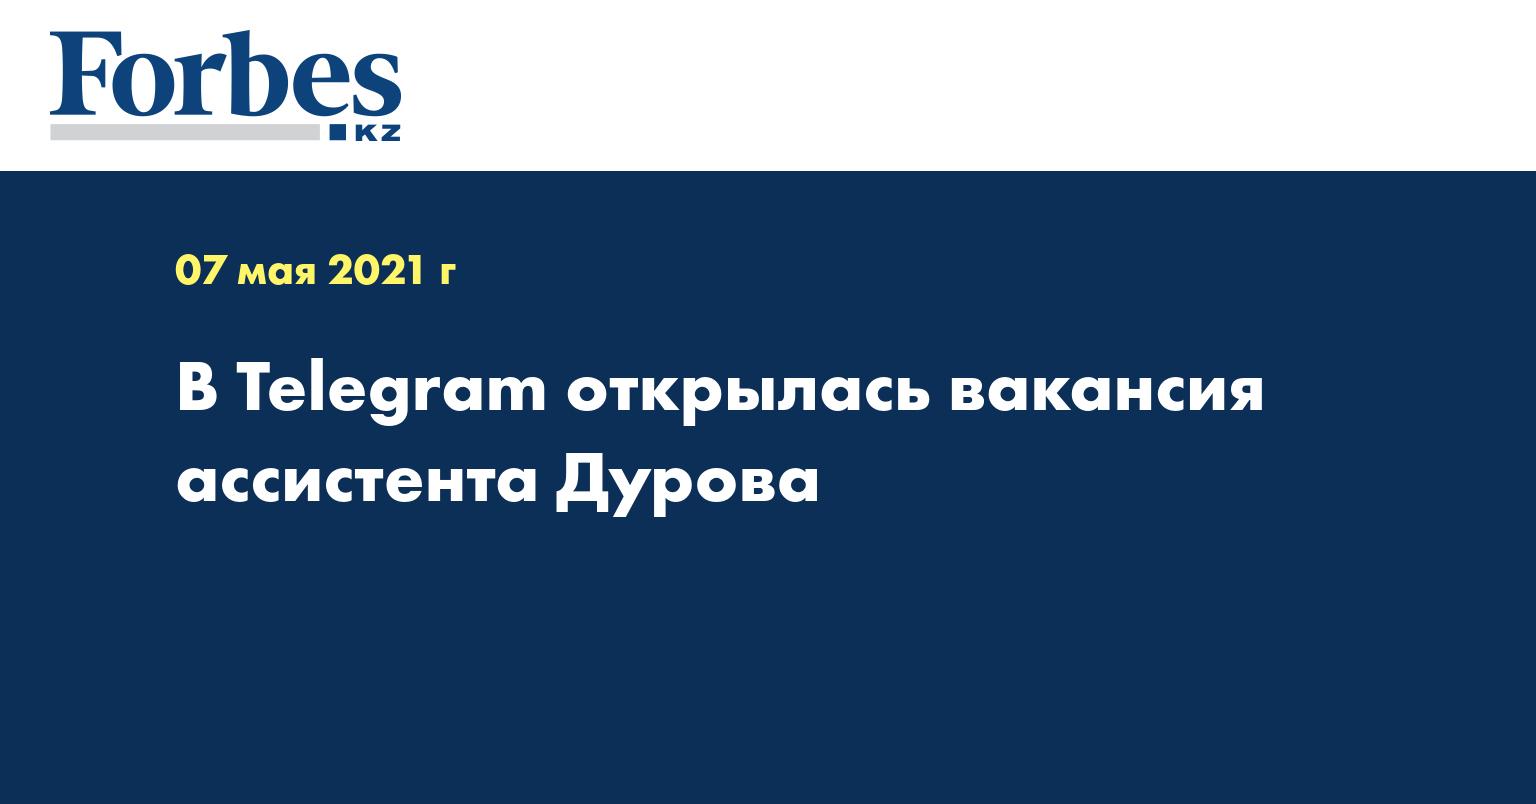 В Telegram открылась вакансия ассистента Дурова